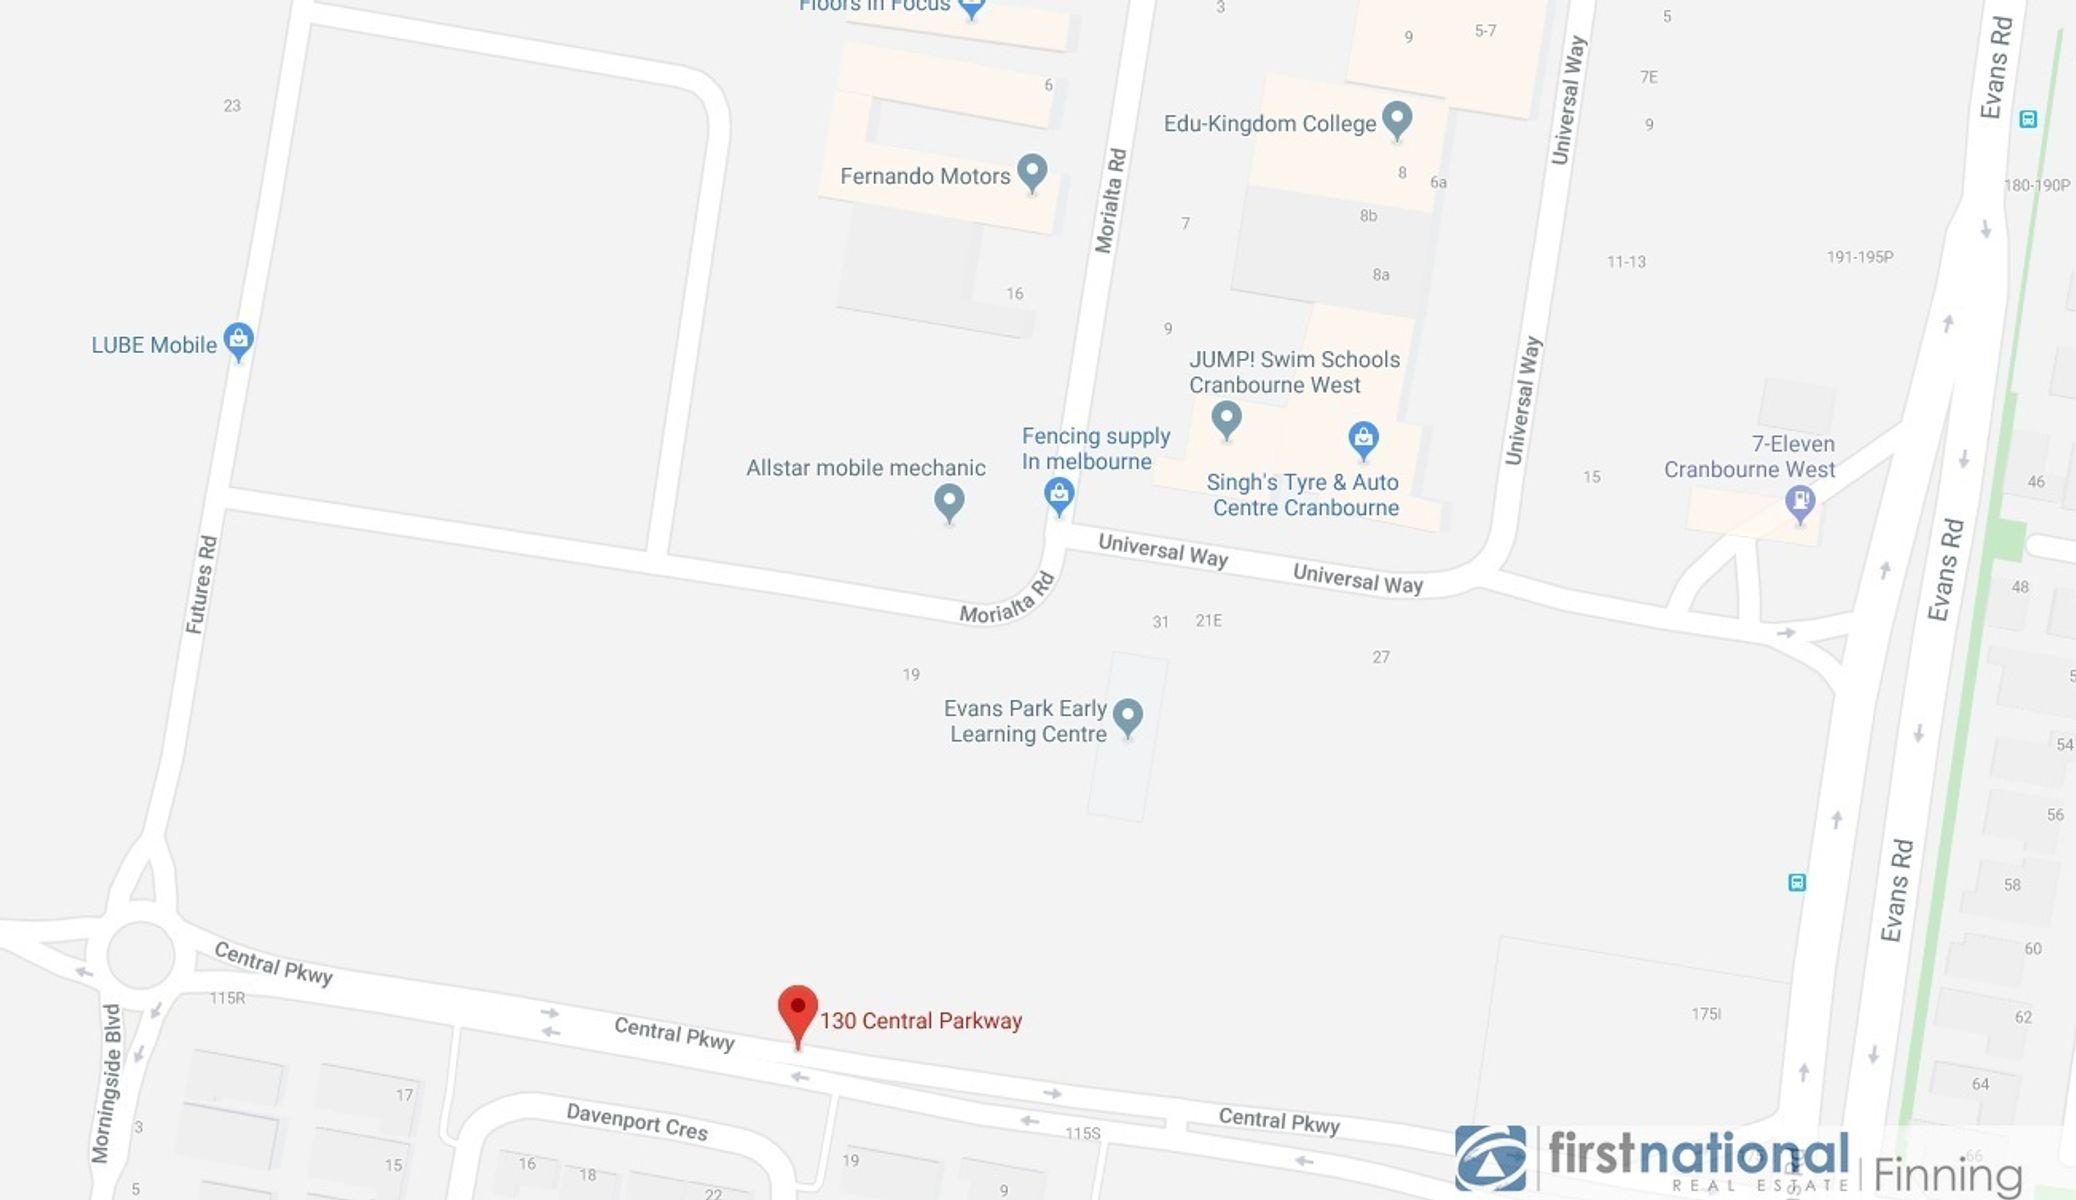 16 Push Pea Way, Cranbourne West, VIC 3977